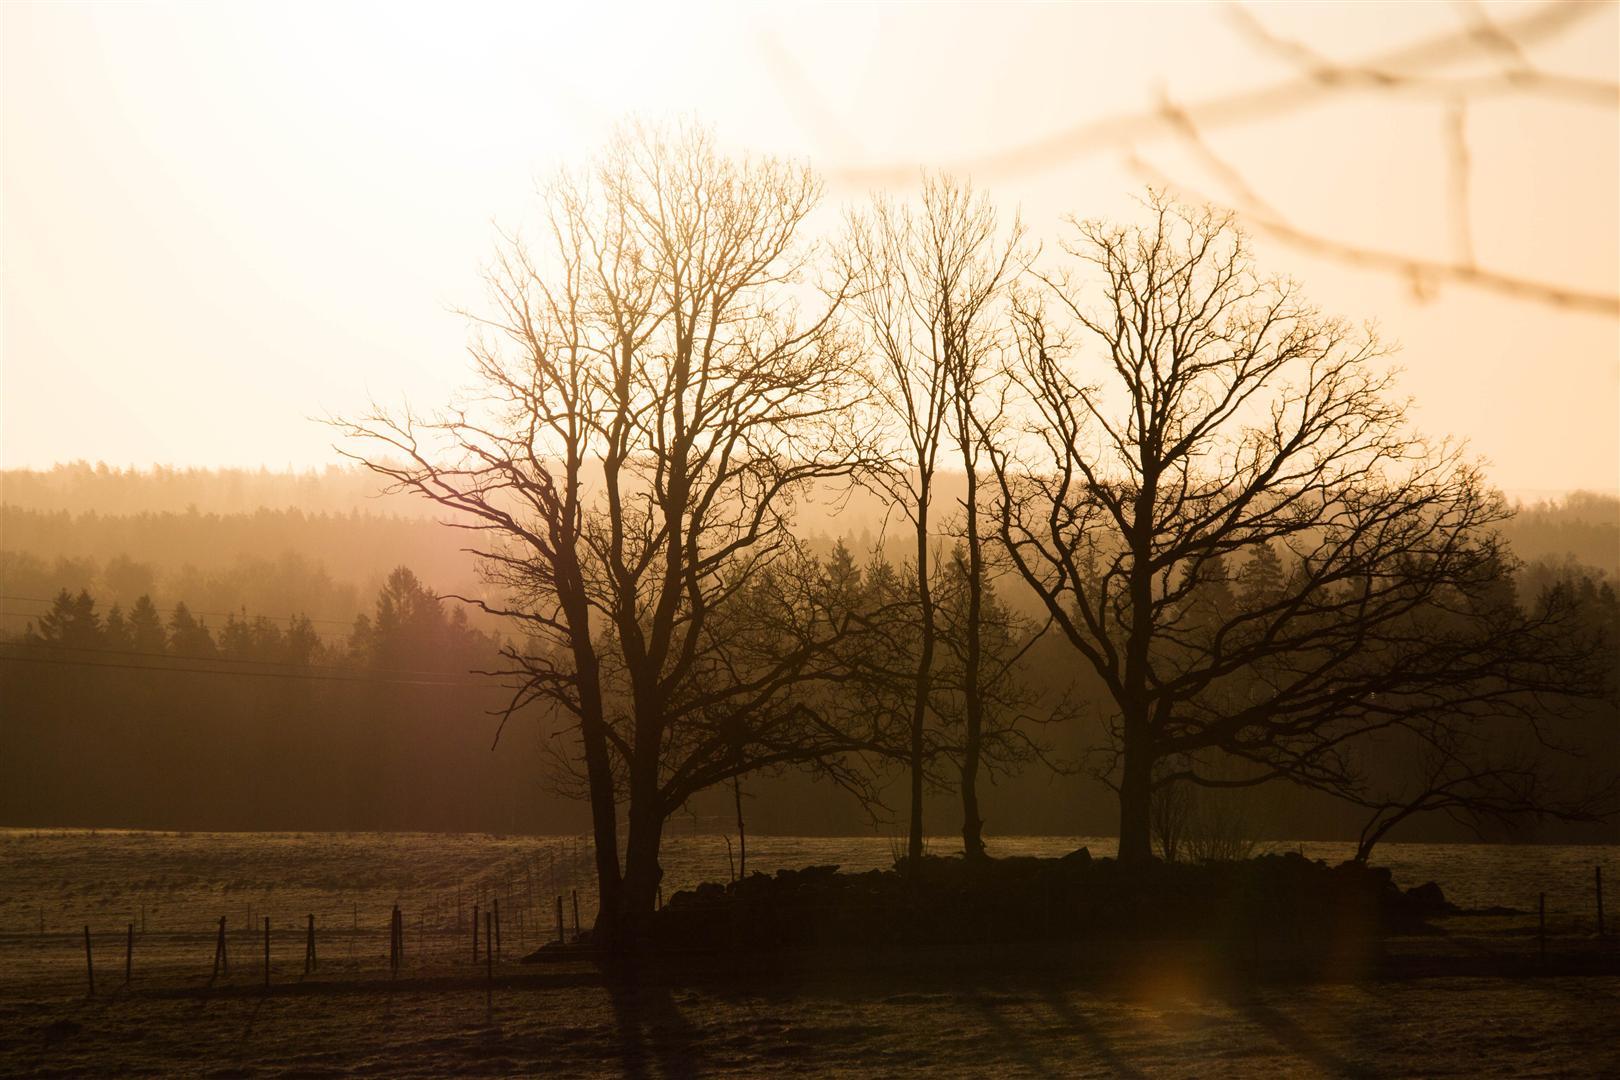 morgon på hästängen-32 (Large)